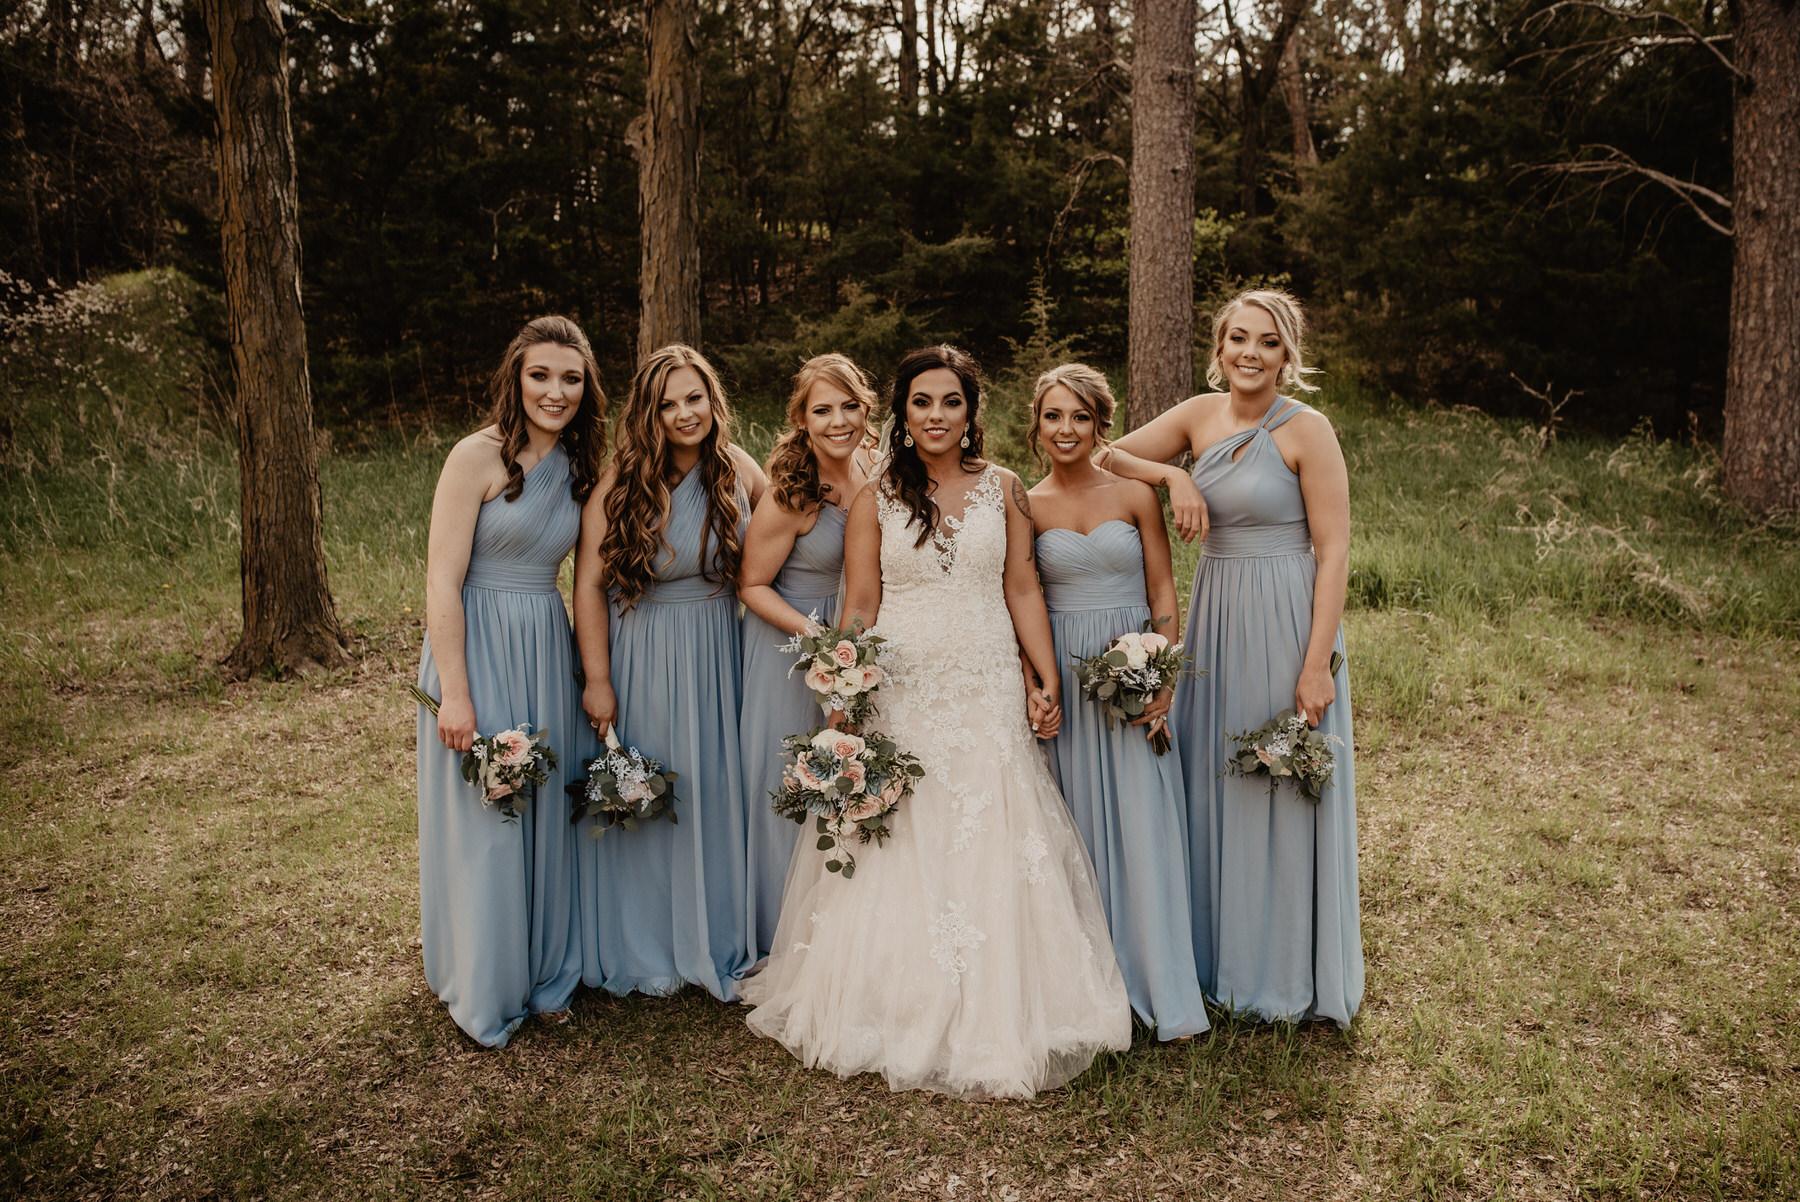 Kaylie-Sirek-Photography-Kearney-Nebraska-Wedding-066.jpg